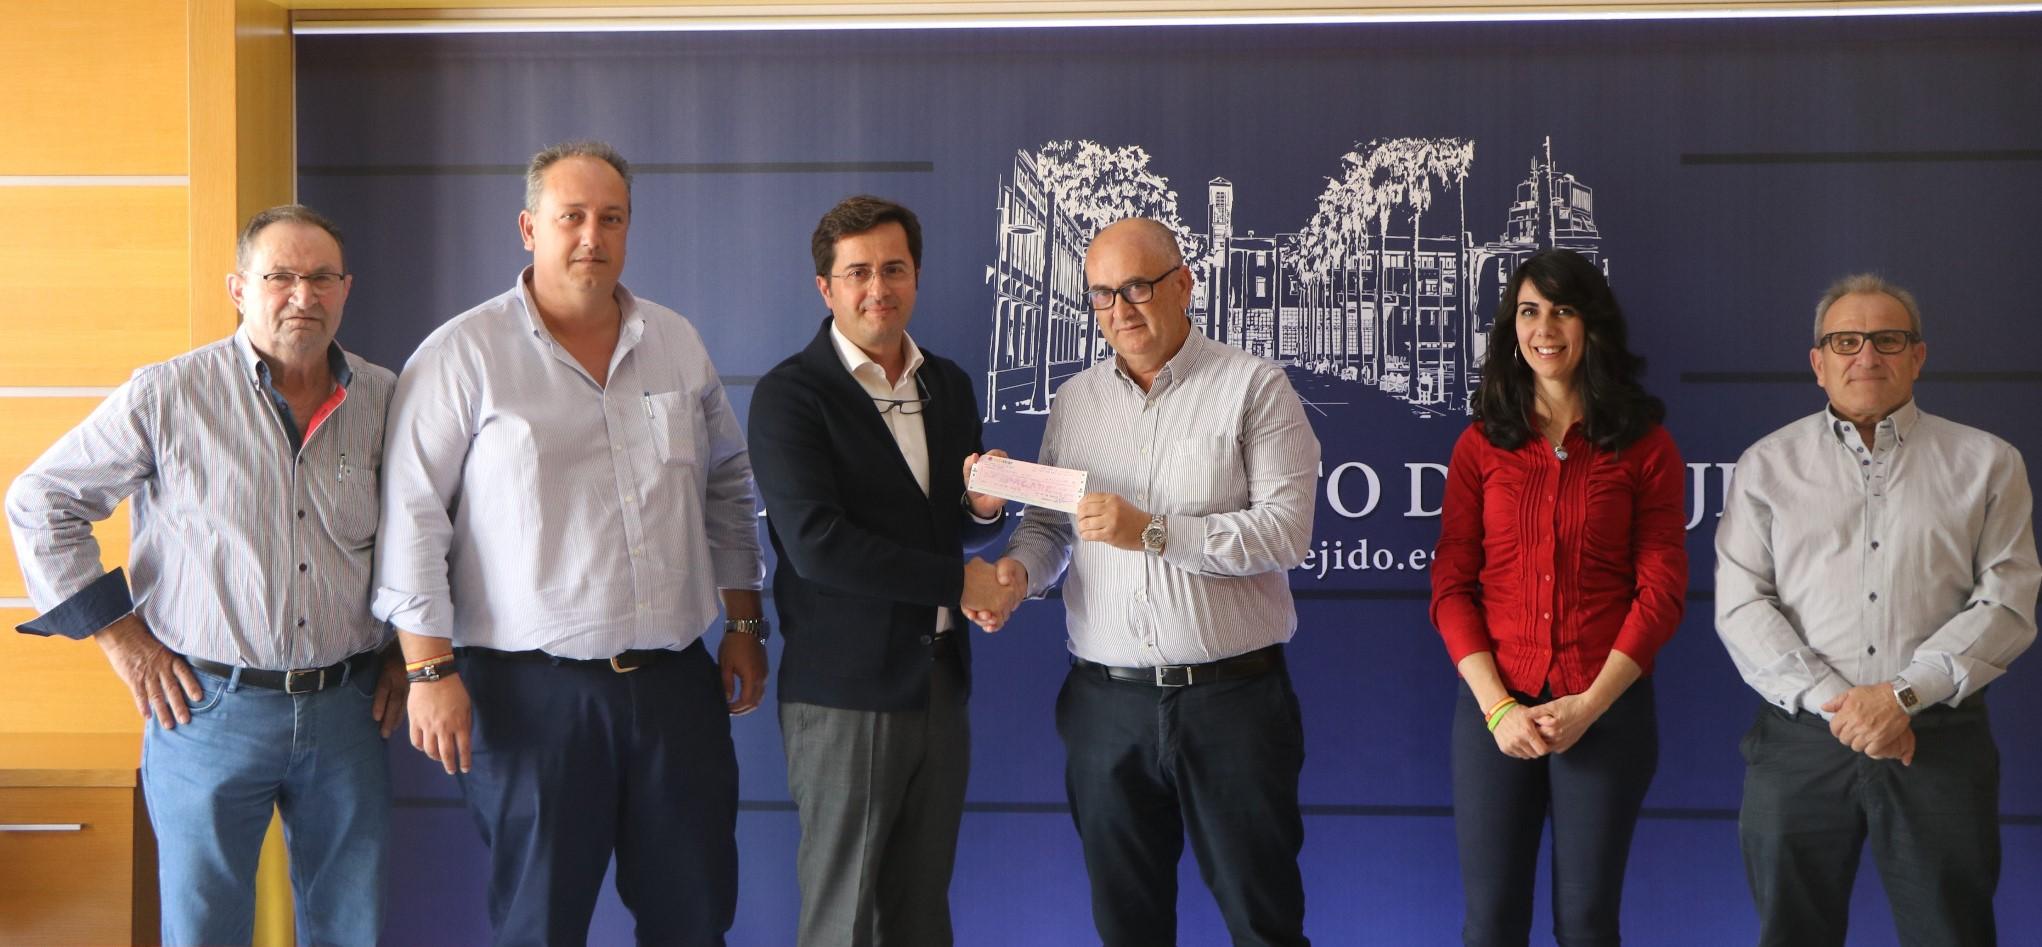 El Ayuntamiento y la cooperativa Campoejido ratifican su colaboración público-privada en materia de igualdad de género